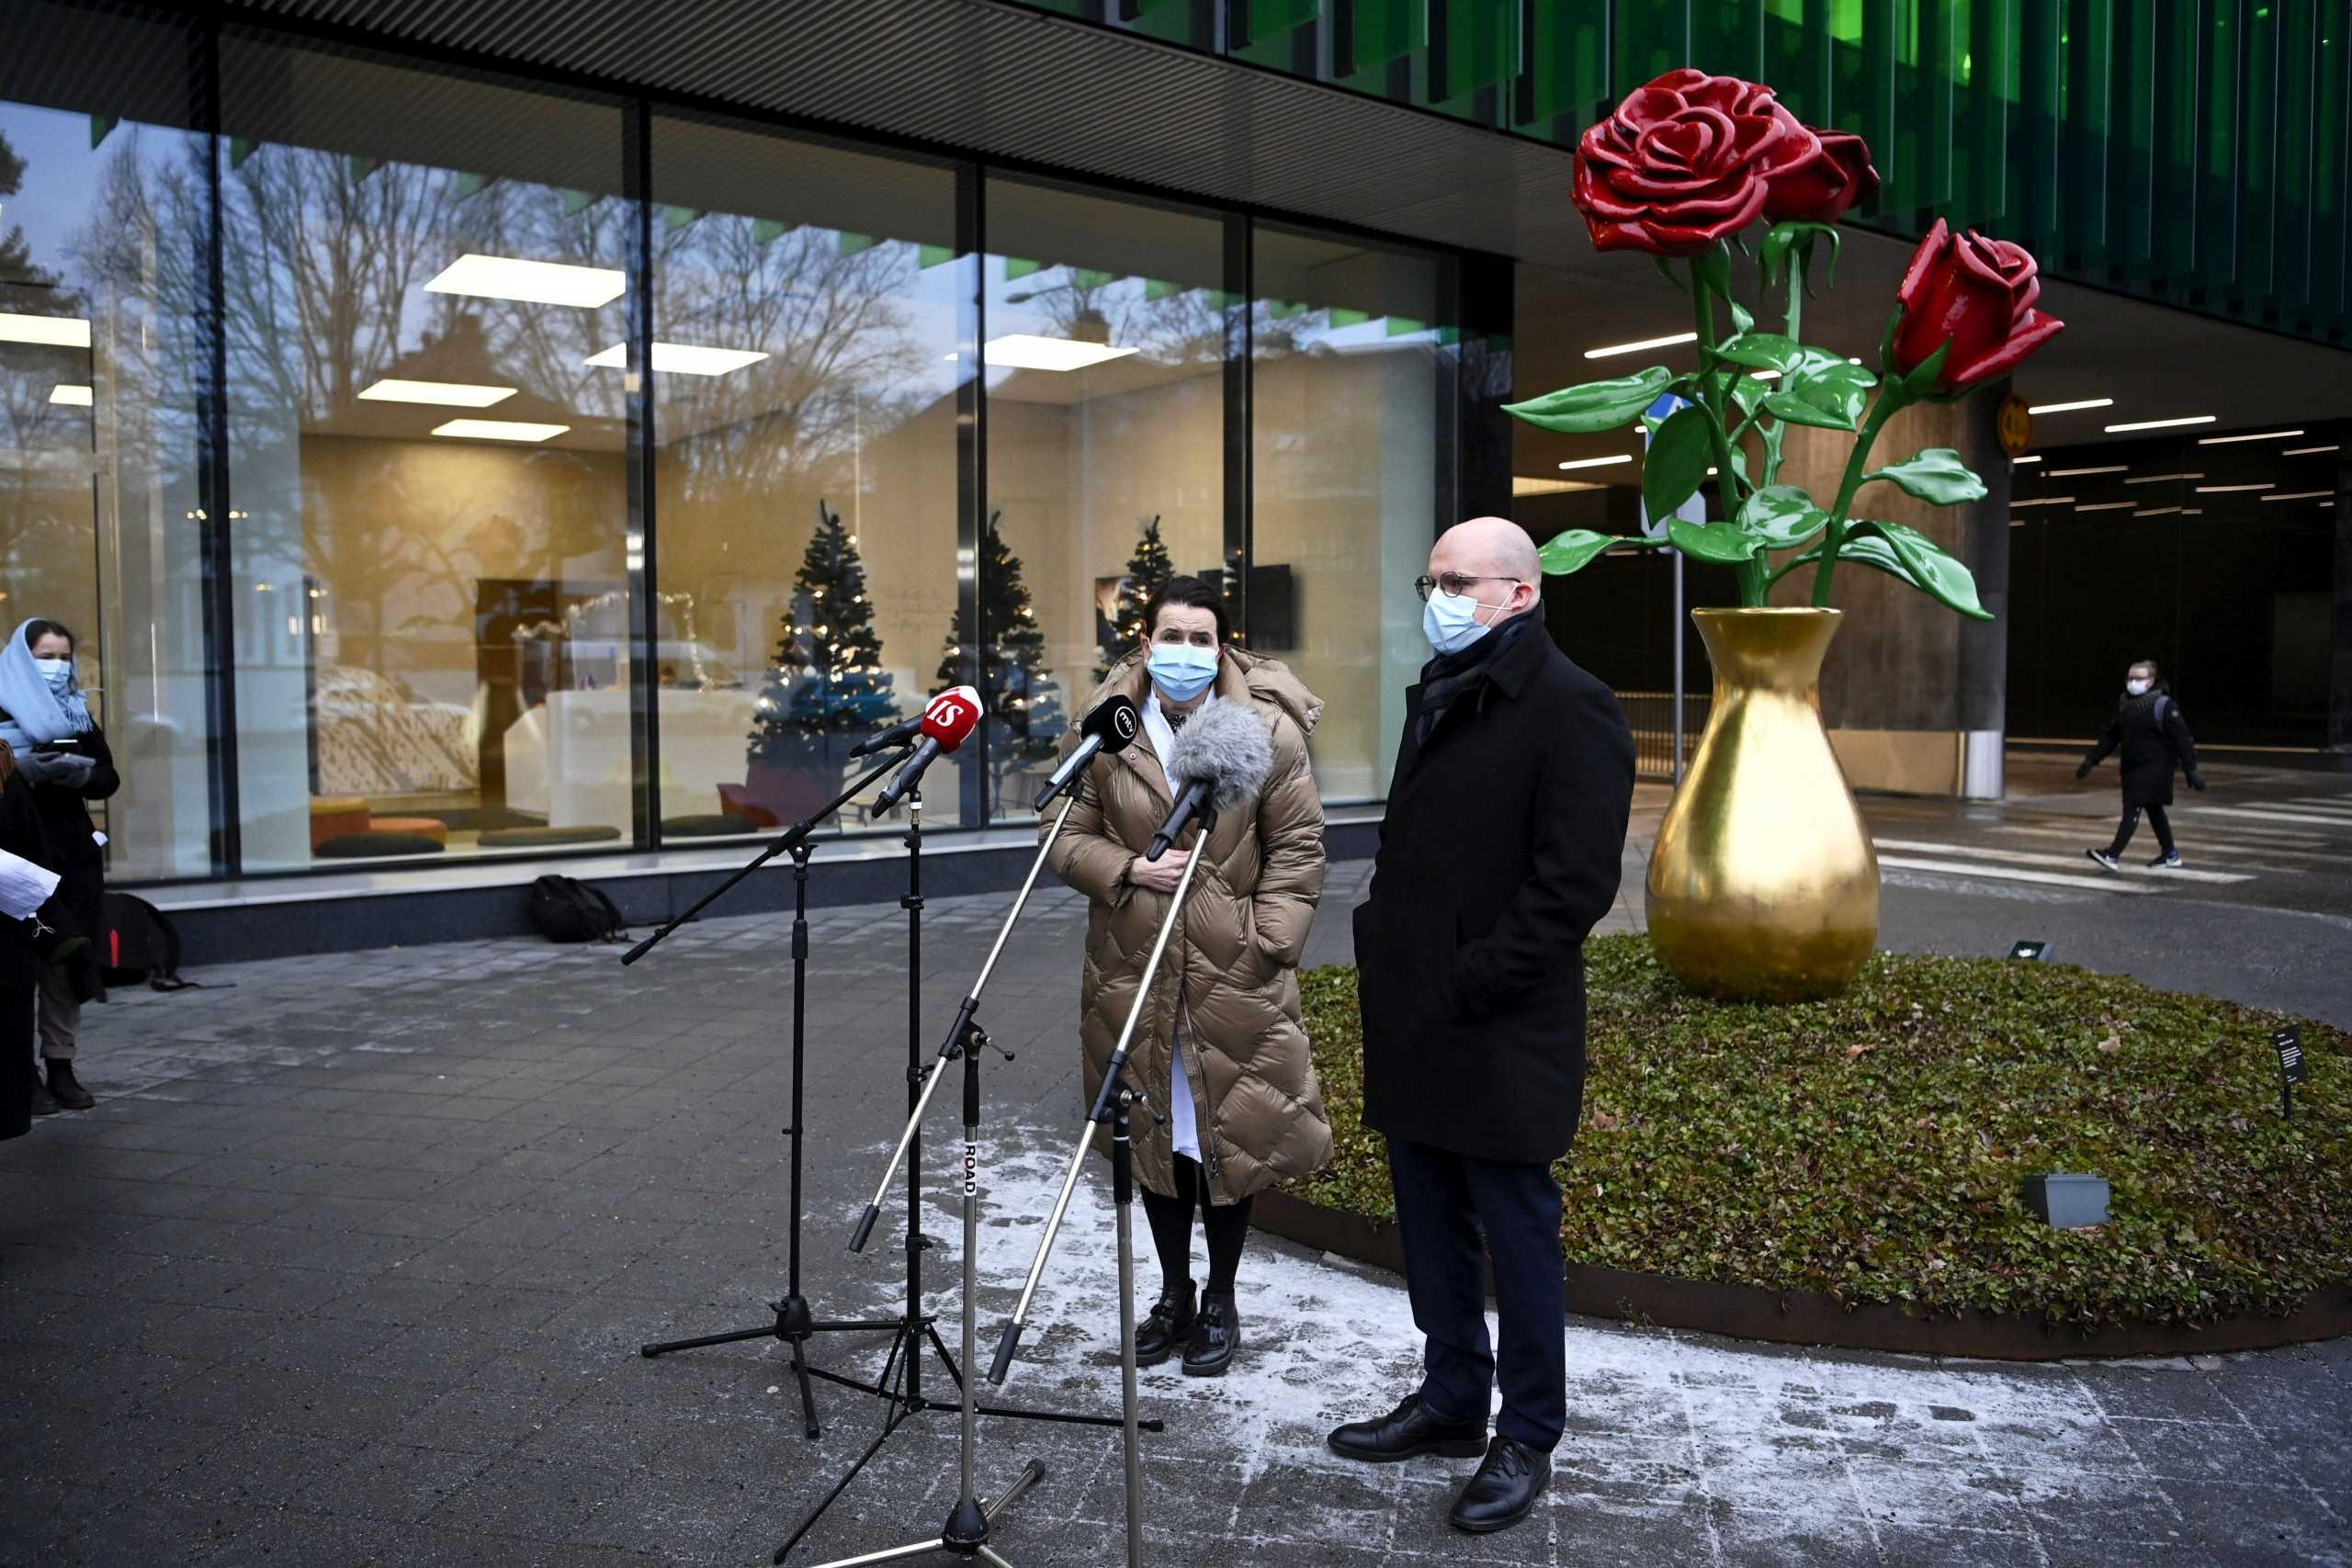 Οι δυο μεταλλάξεις του κορονοϊού εντοπίστηκαν στην Φινλανδία